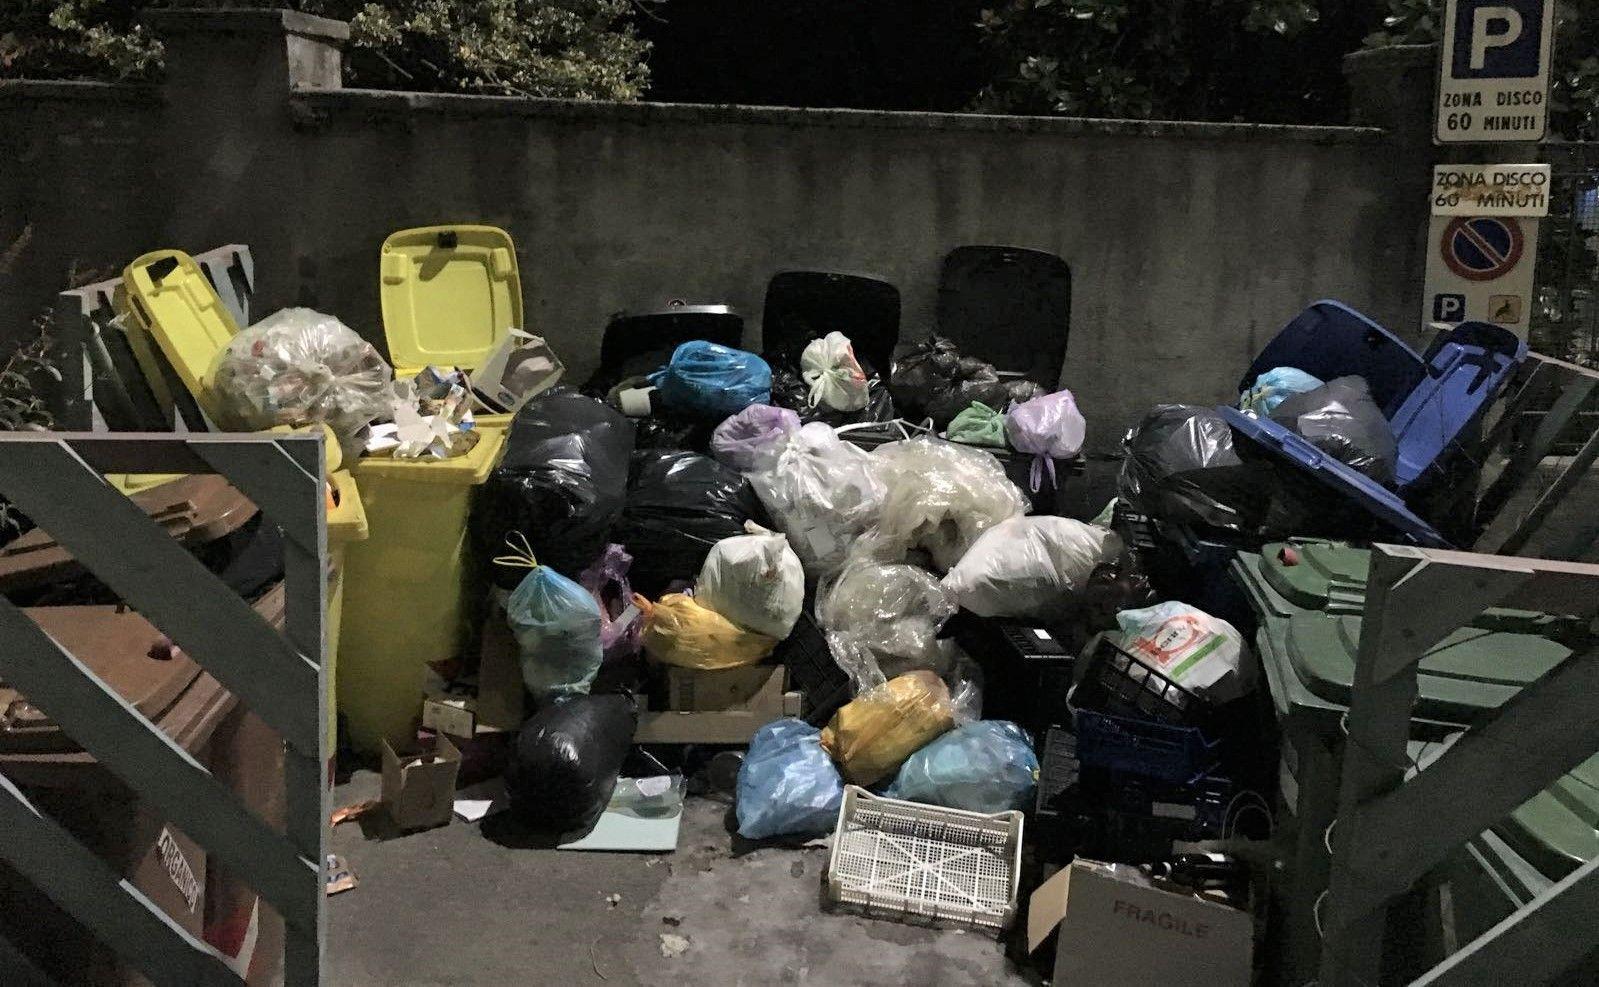 ALTO CANAVESE - Epidemia influenzale: netturbini bloccati a casa. I cassonetti trabordano di rifiuti - FOTO